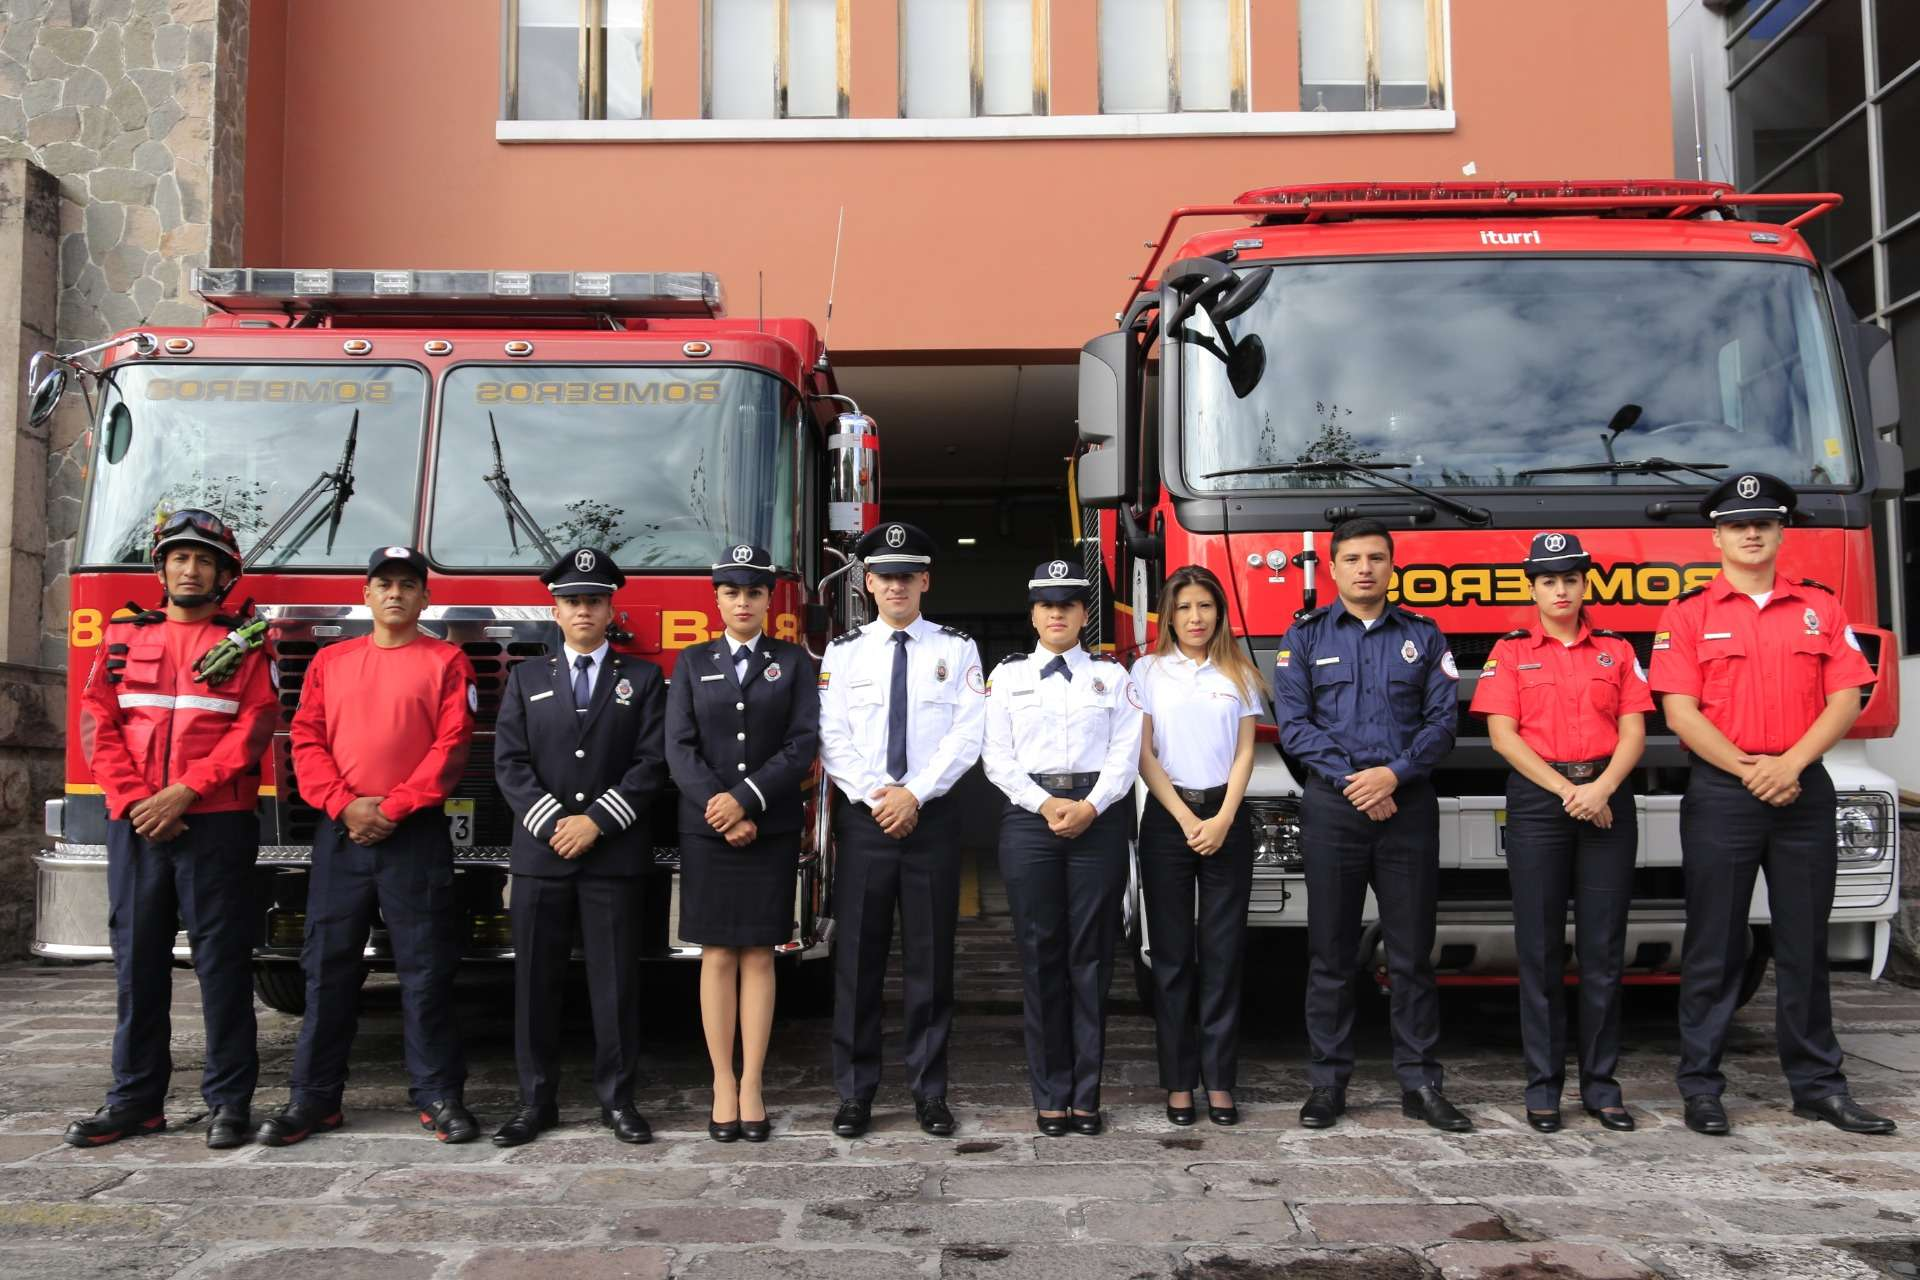 bomberos quito